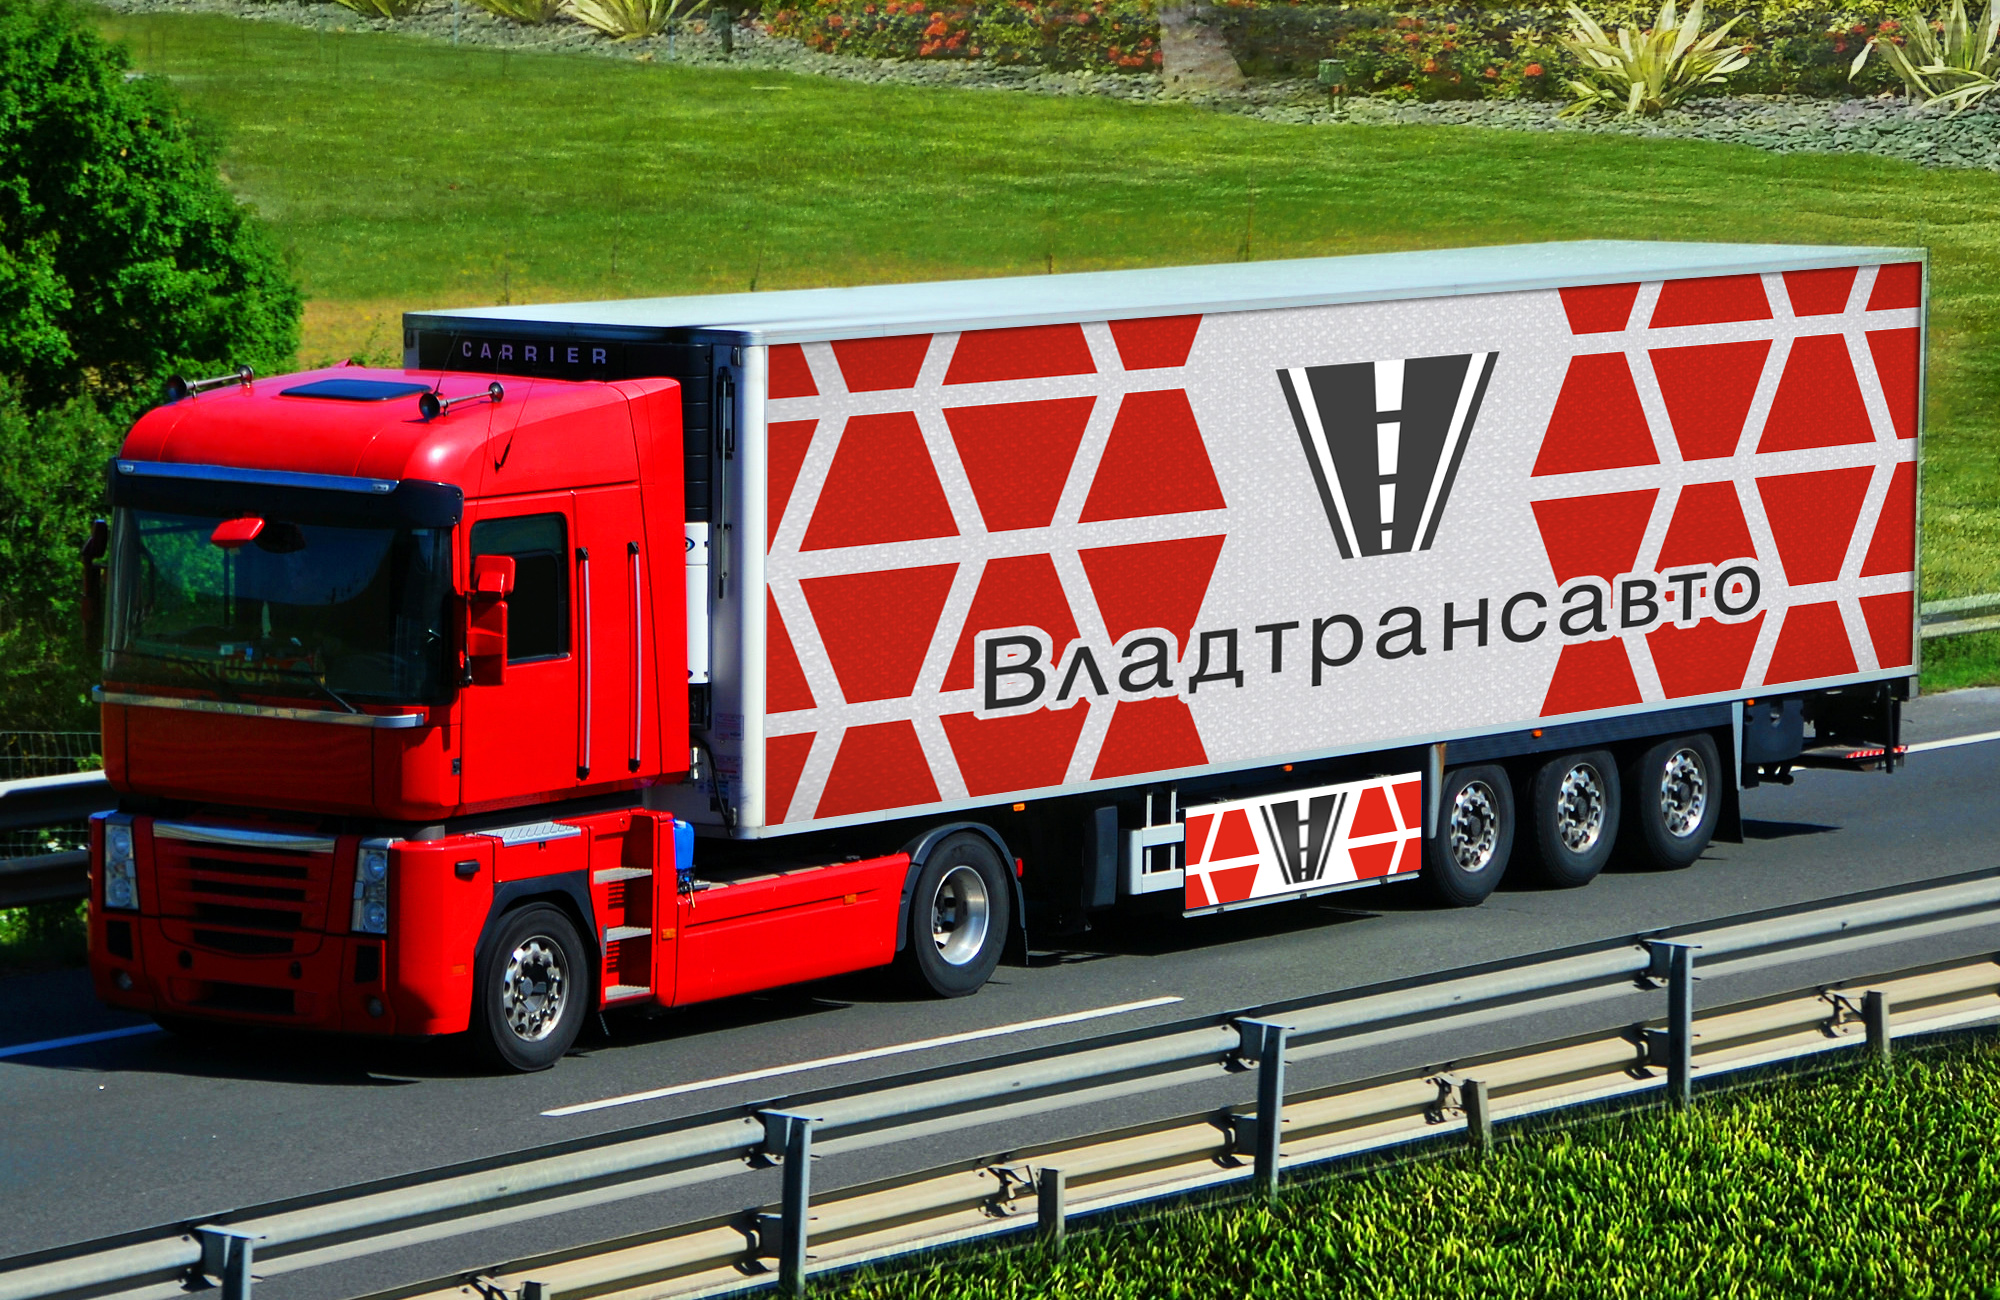 Логотип и фирменный стиль для транспортной компании Владтрансавто фото f_6445ce6f076c0a90.jpg